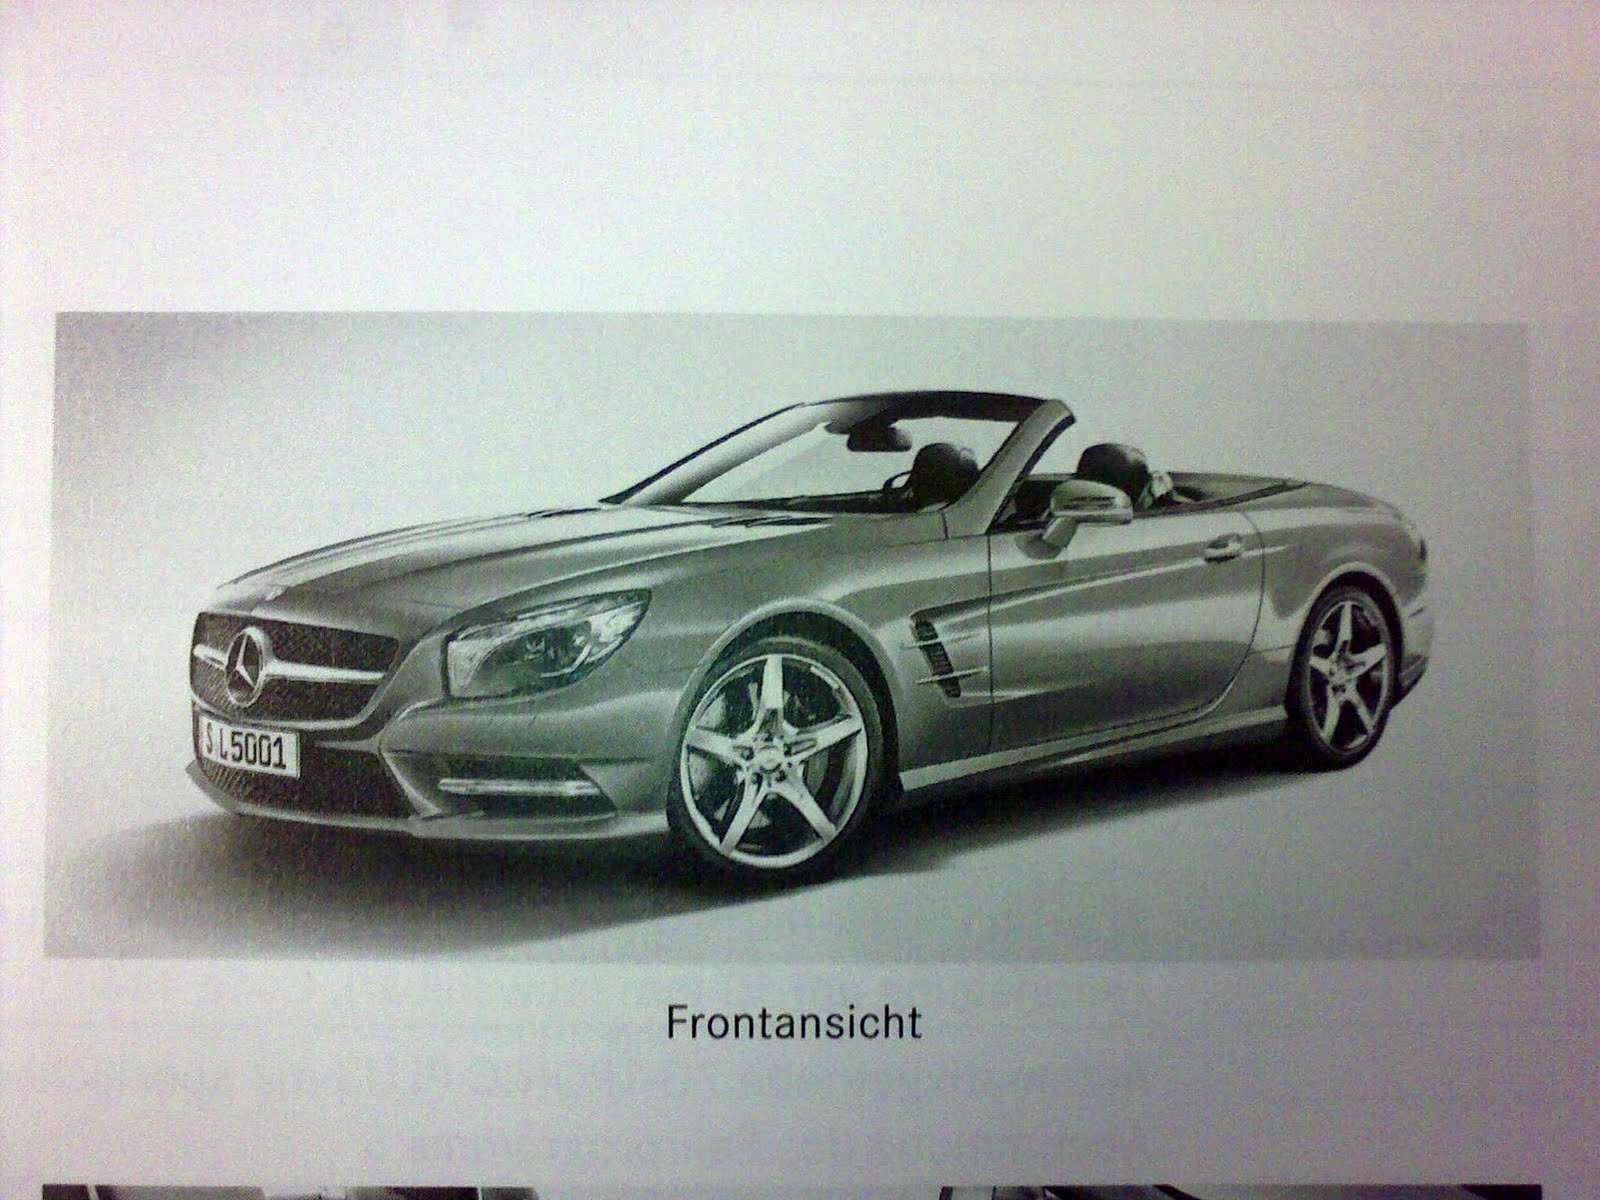 2013 Mercedes-Benz SL Roadster broszura grudzien 2011